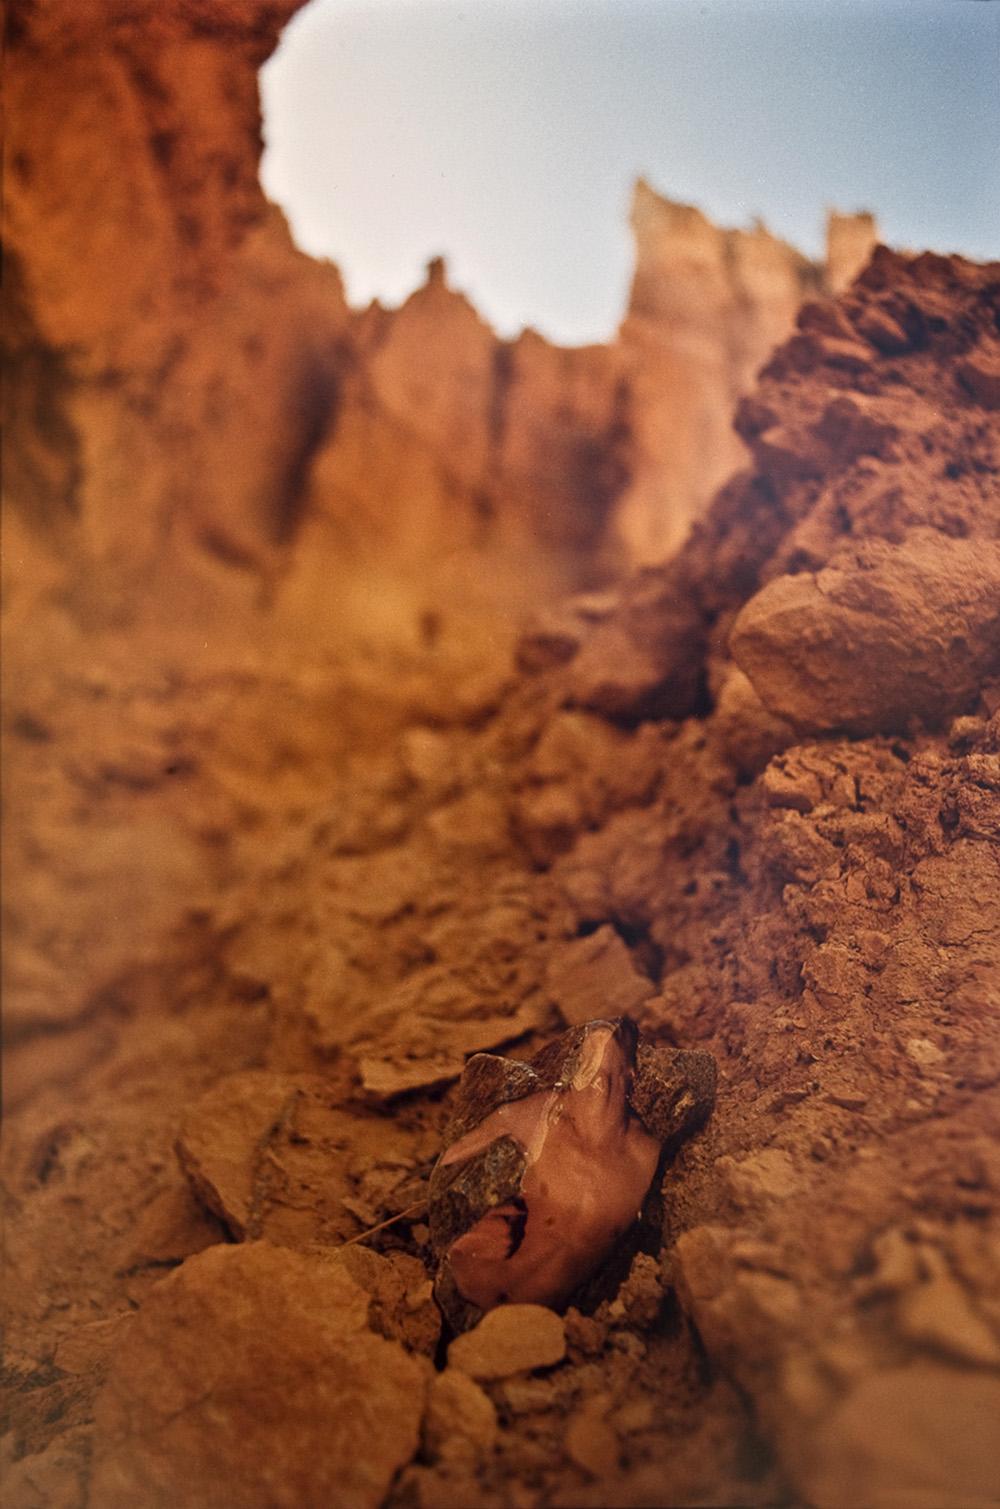 009_ROSE.013_Man in Bryce Canyon.jpg